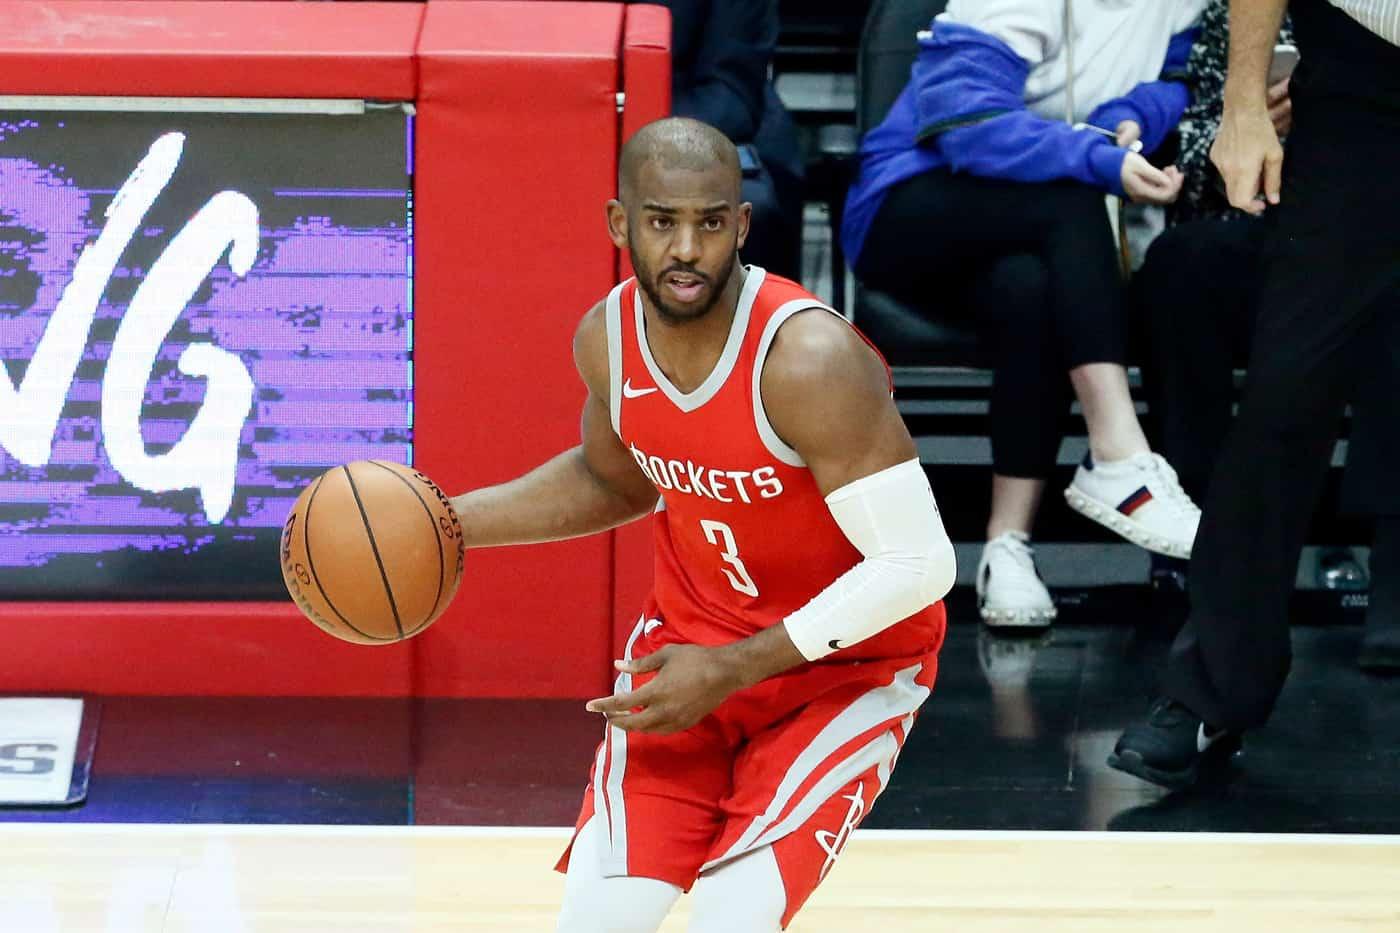 Des tensions entre Chris Paul et les Rockets ?